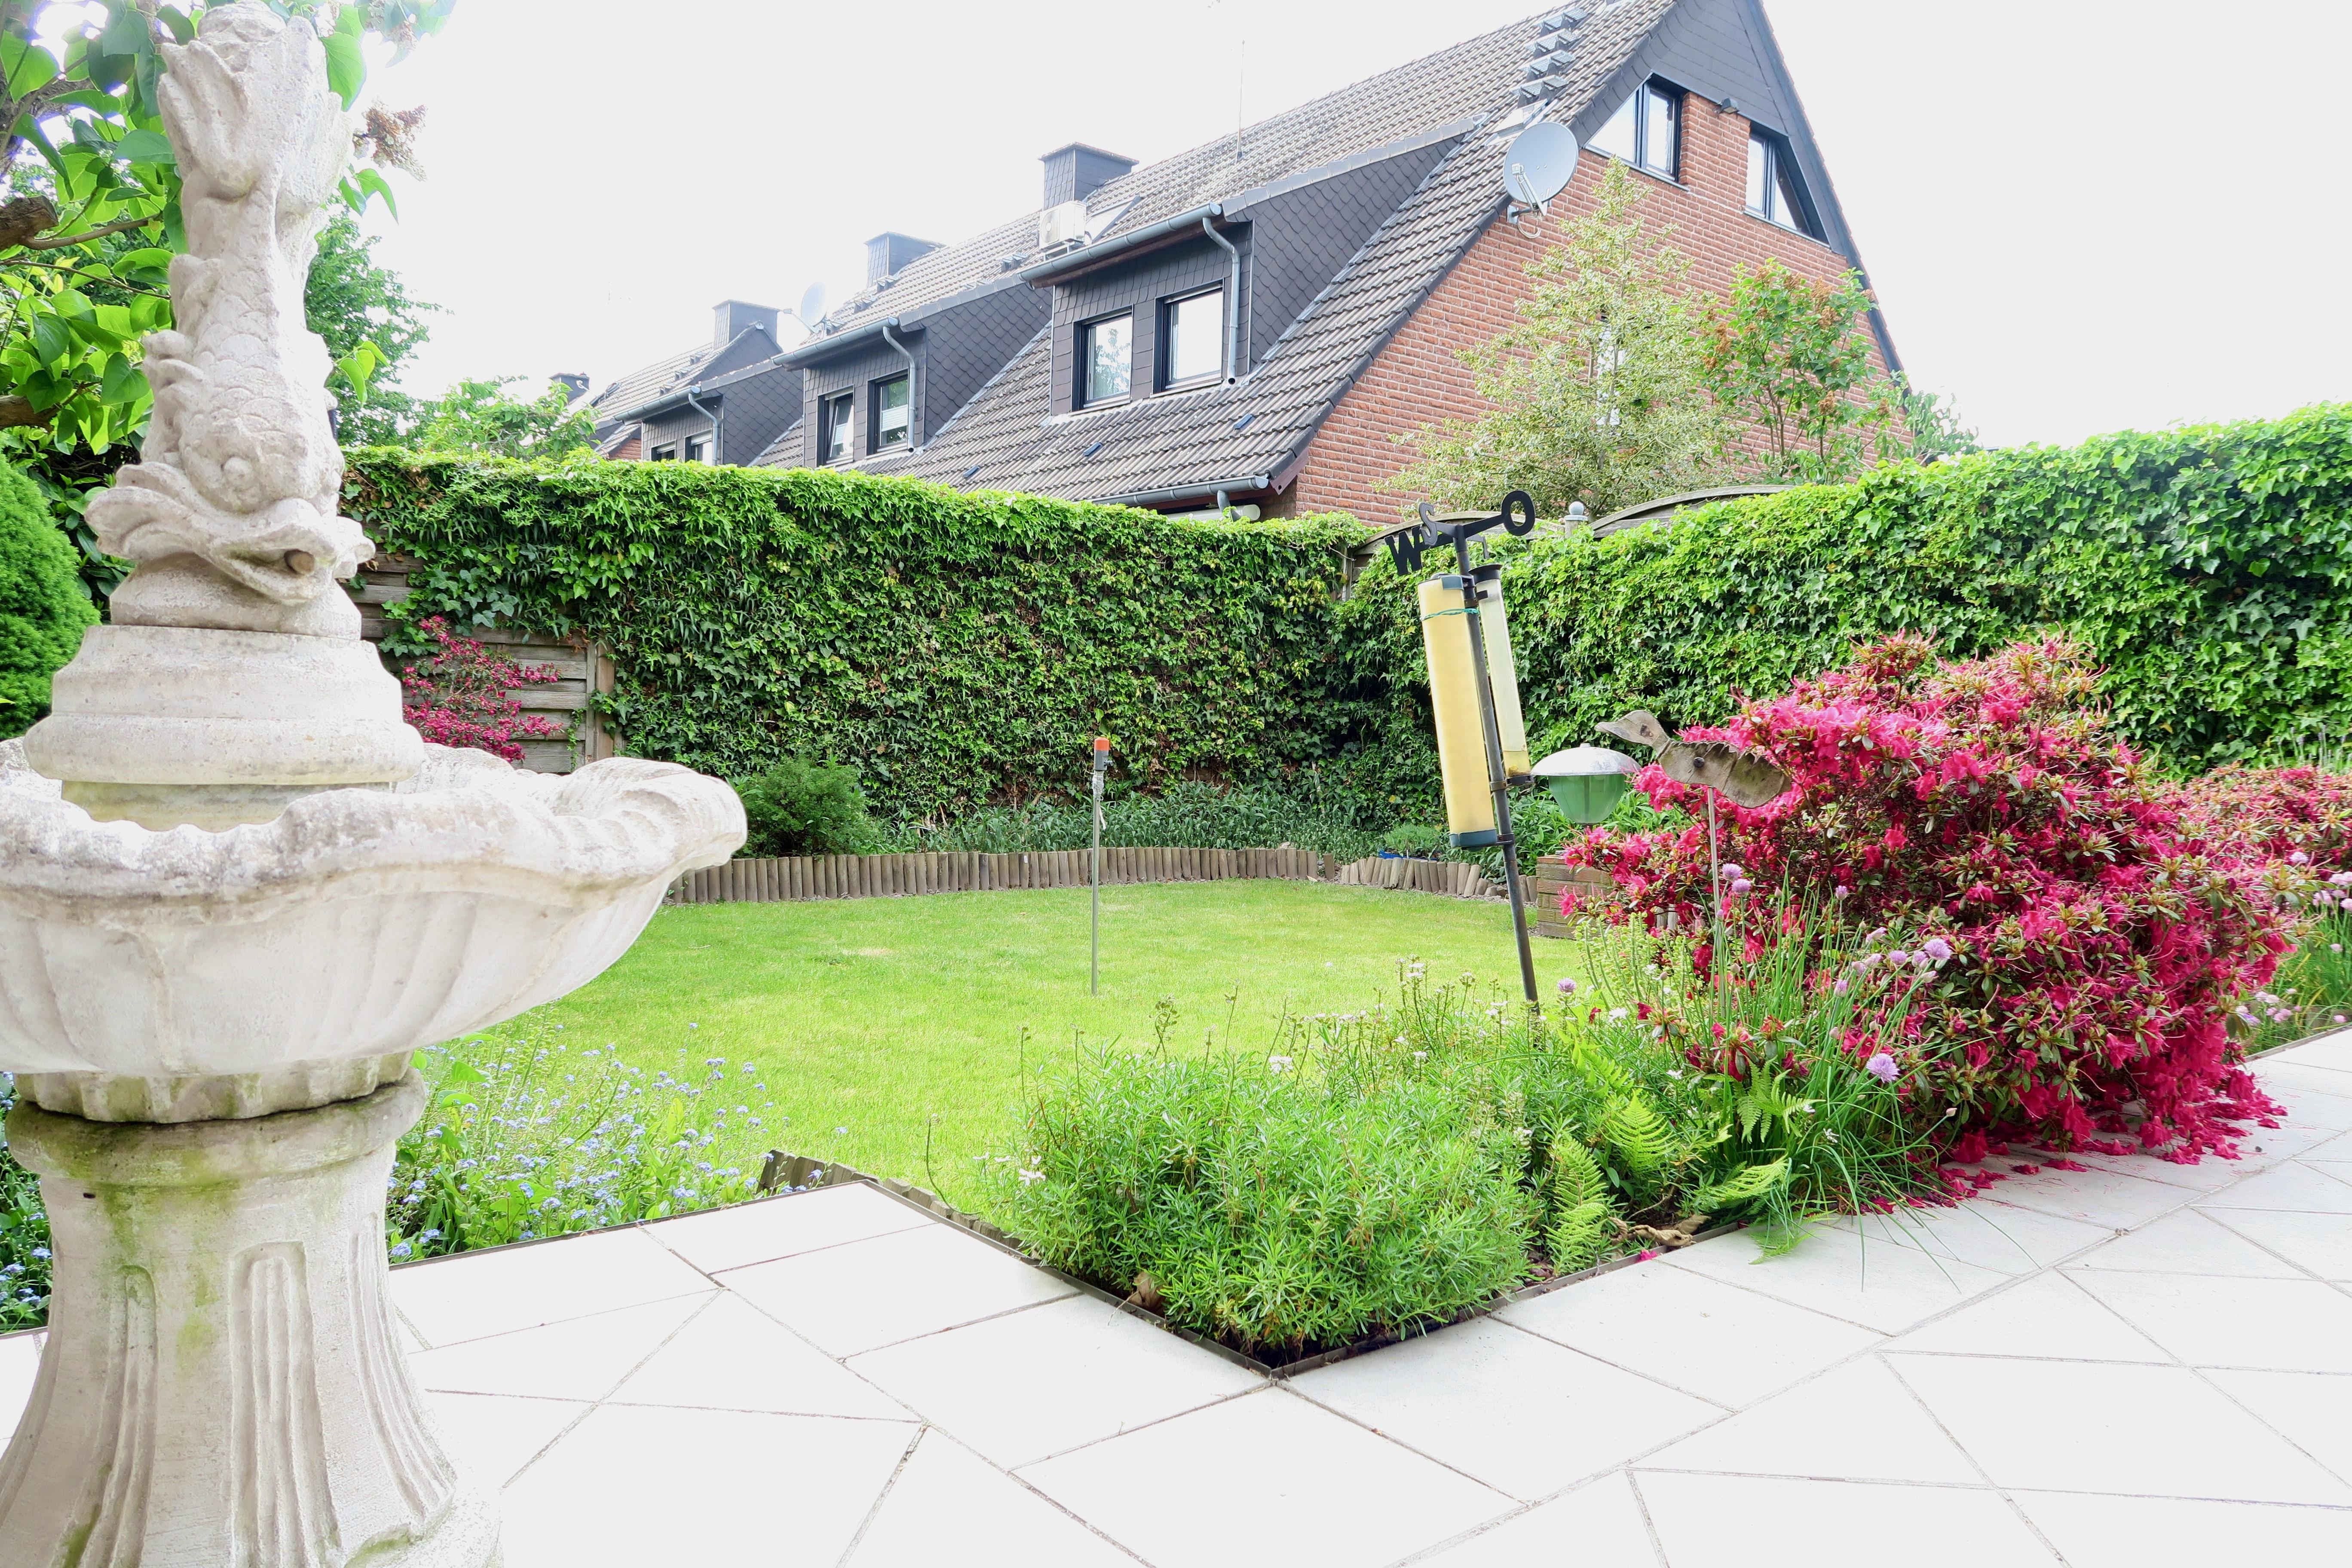 Garten.jpeg